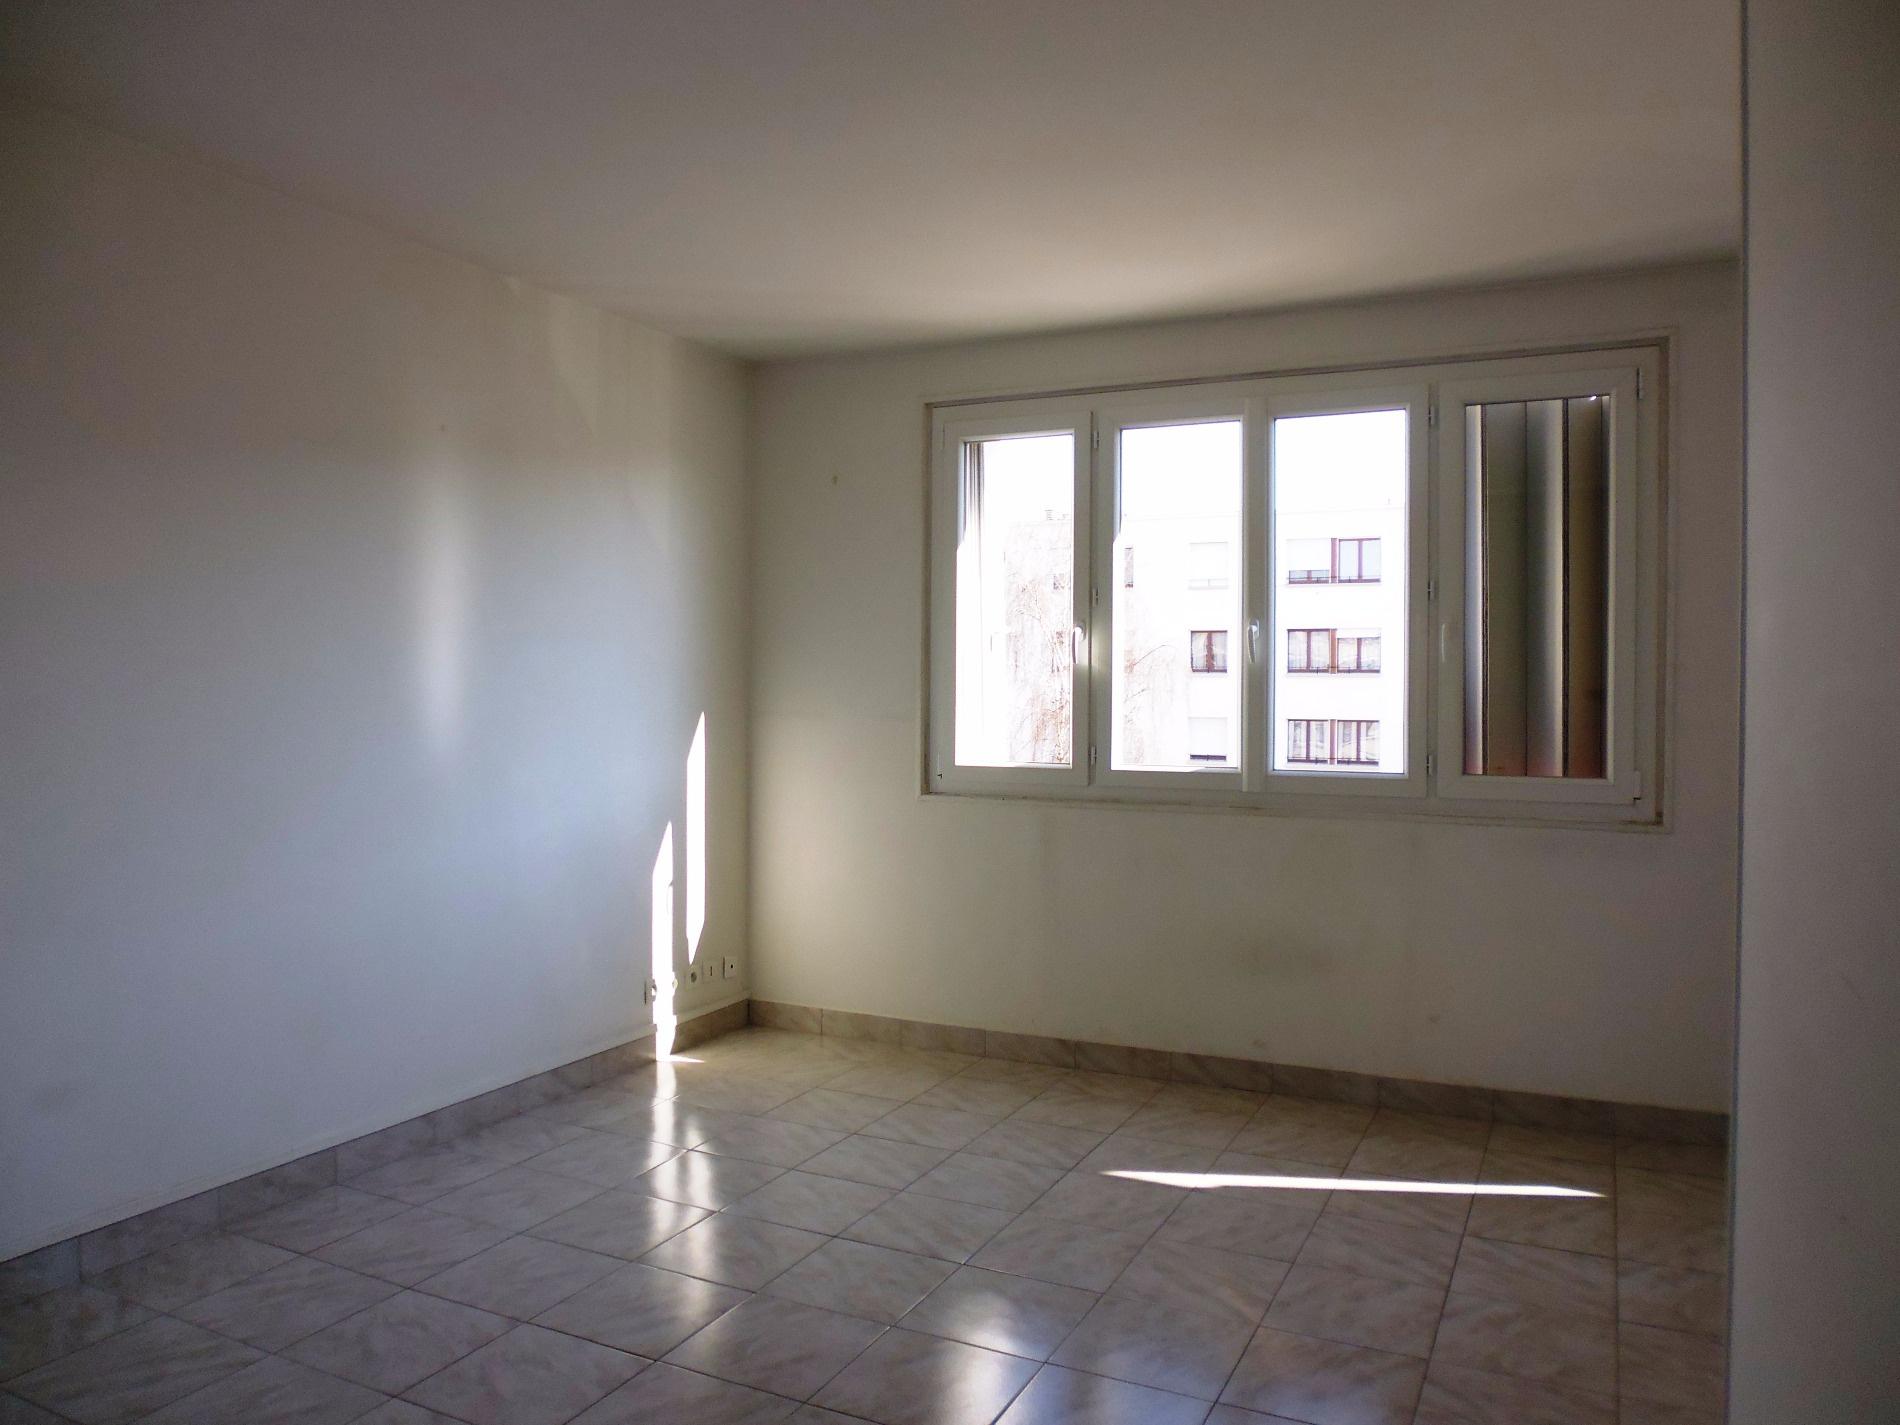 Offres de location Appartement Bagneux 92220